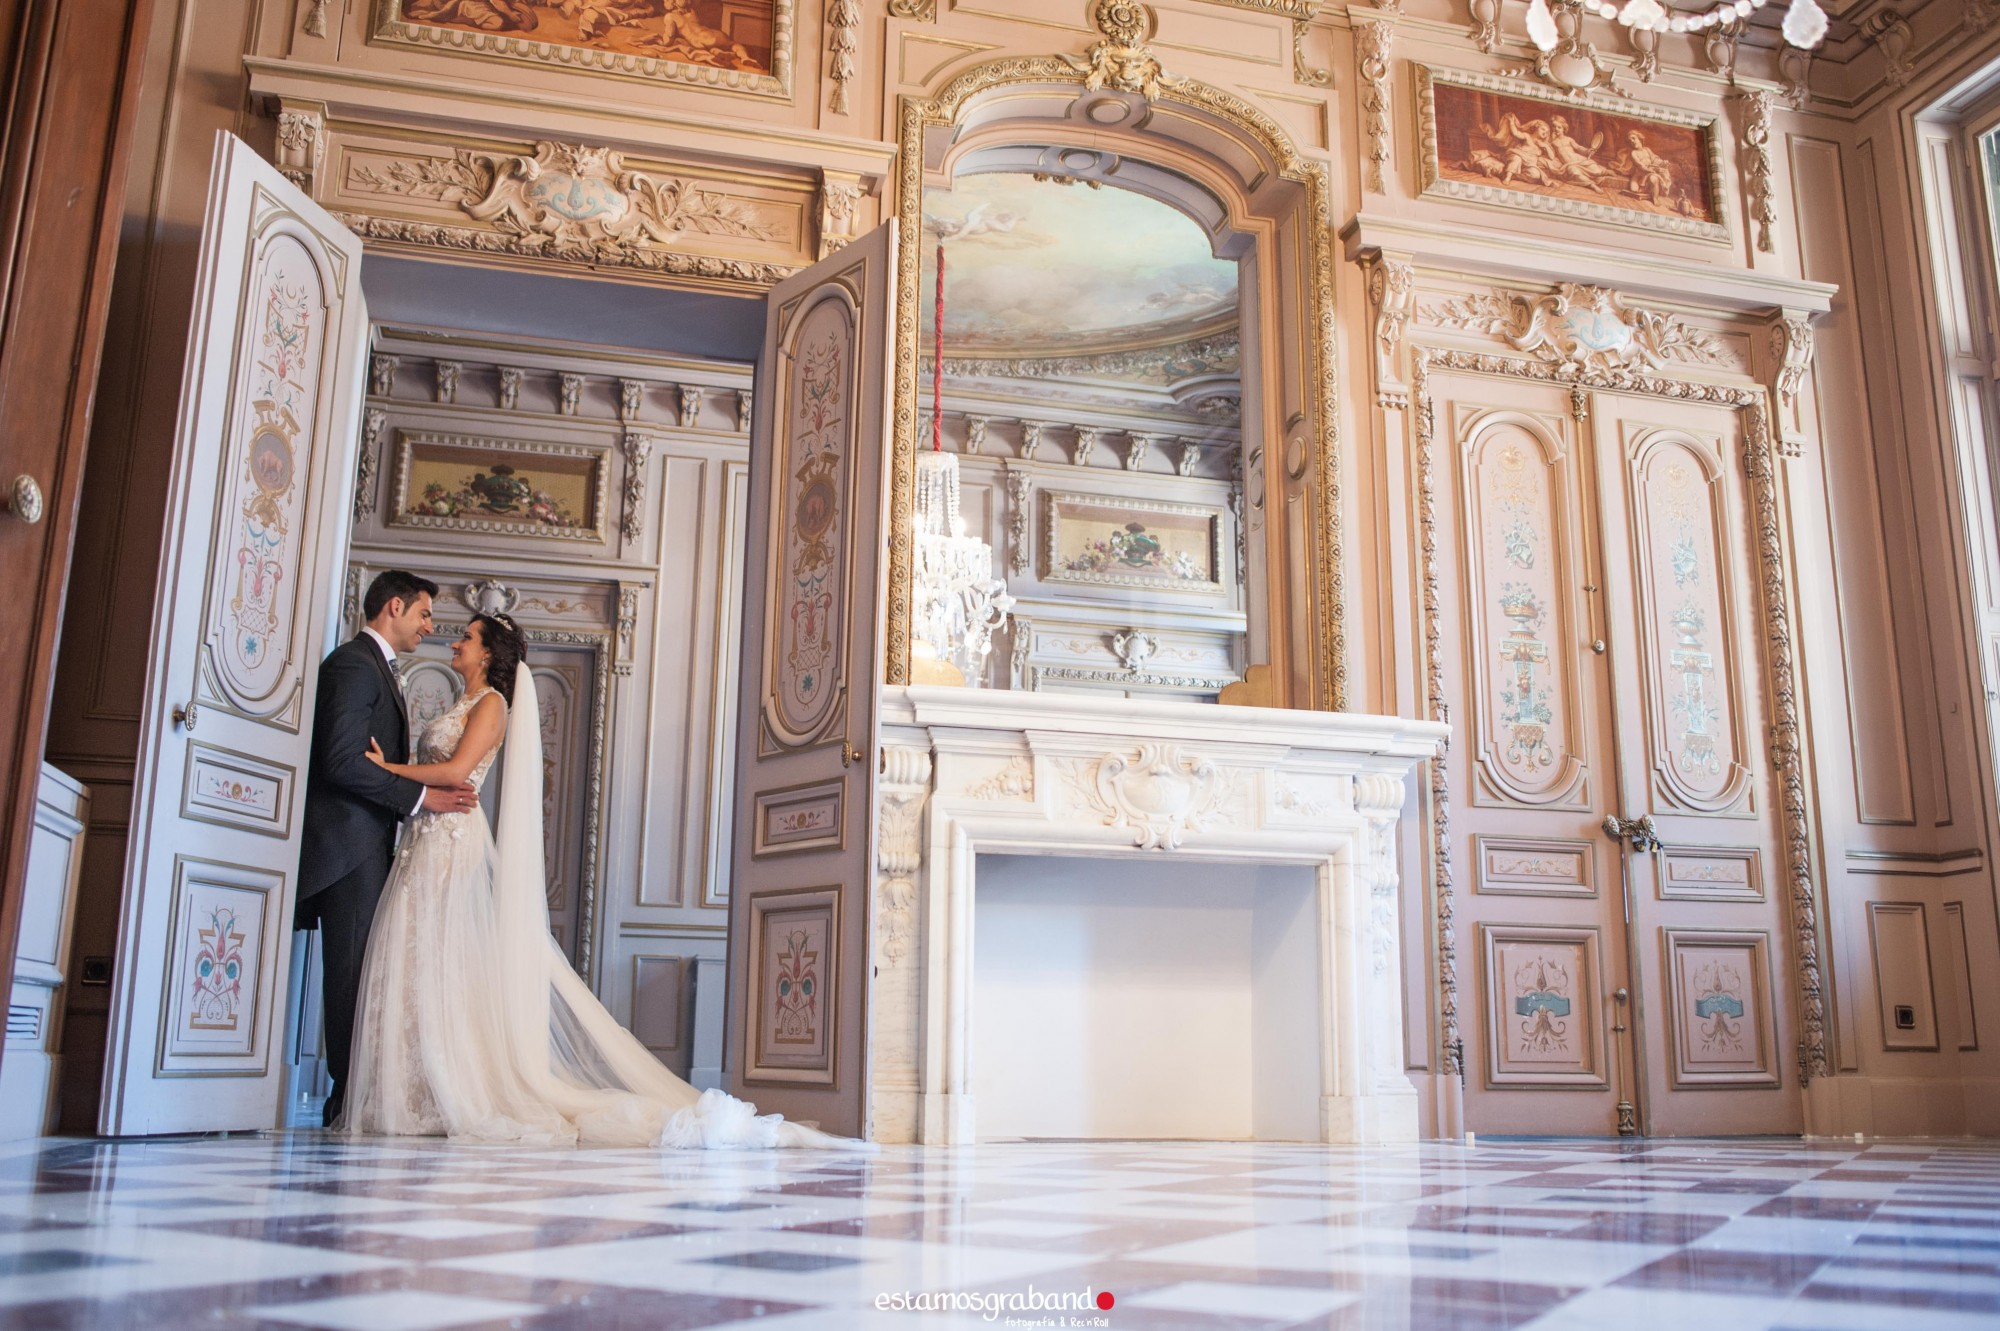 Sonia-y-Dani-337-de-517 Sonia & Dani - video boda cadiz